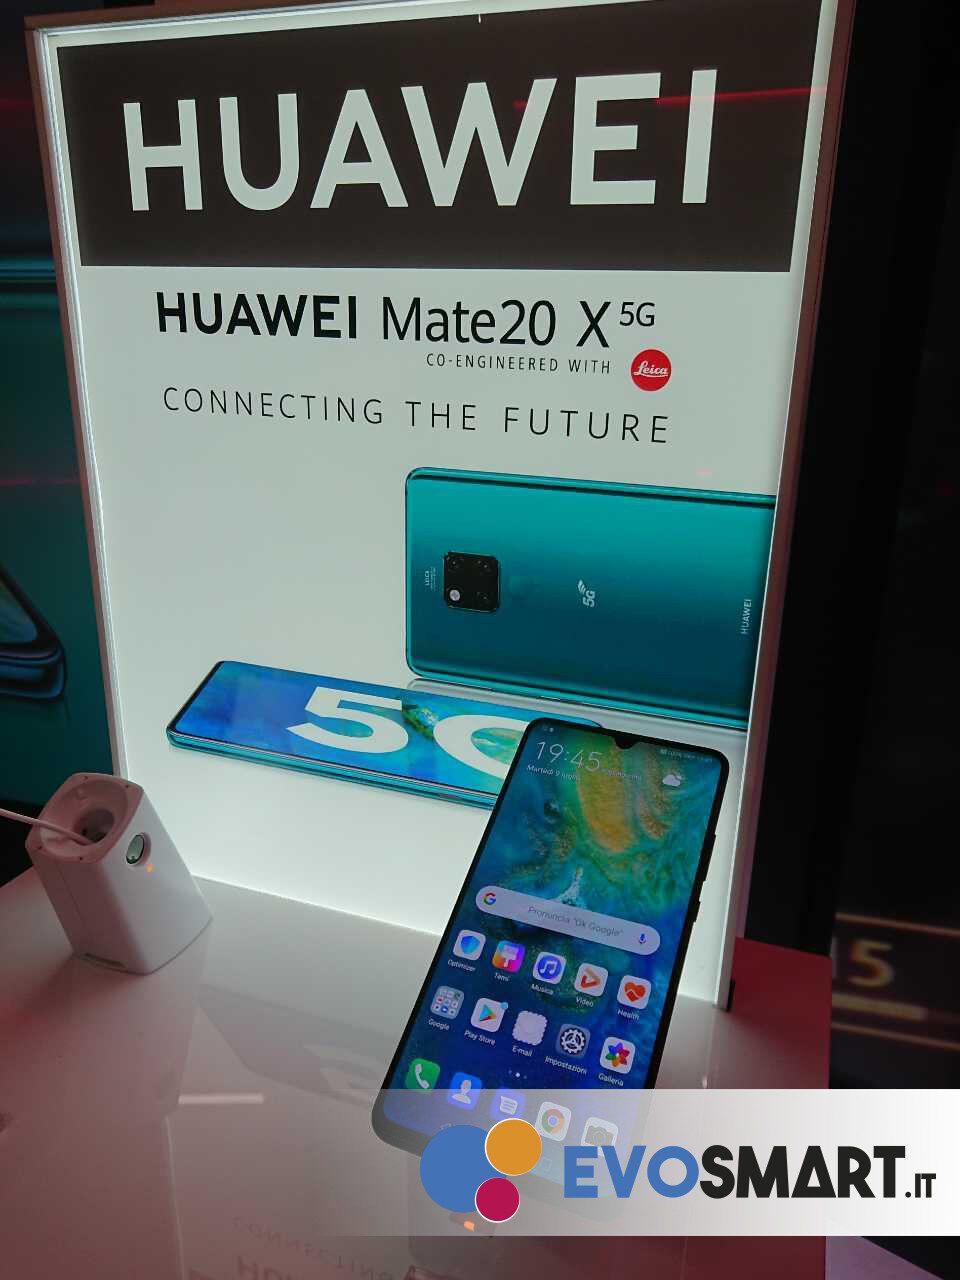 Huawei Mate 20 X 5G porta Huawei nel mondo del 5G, utilizzando hardware già consolidato | Evosmart.it